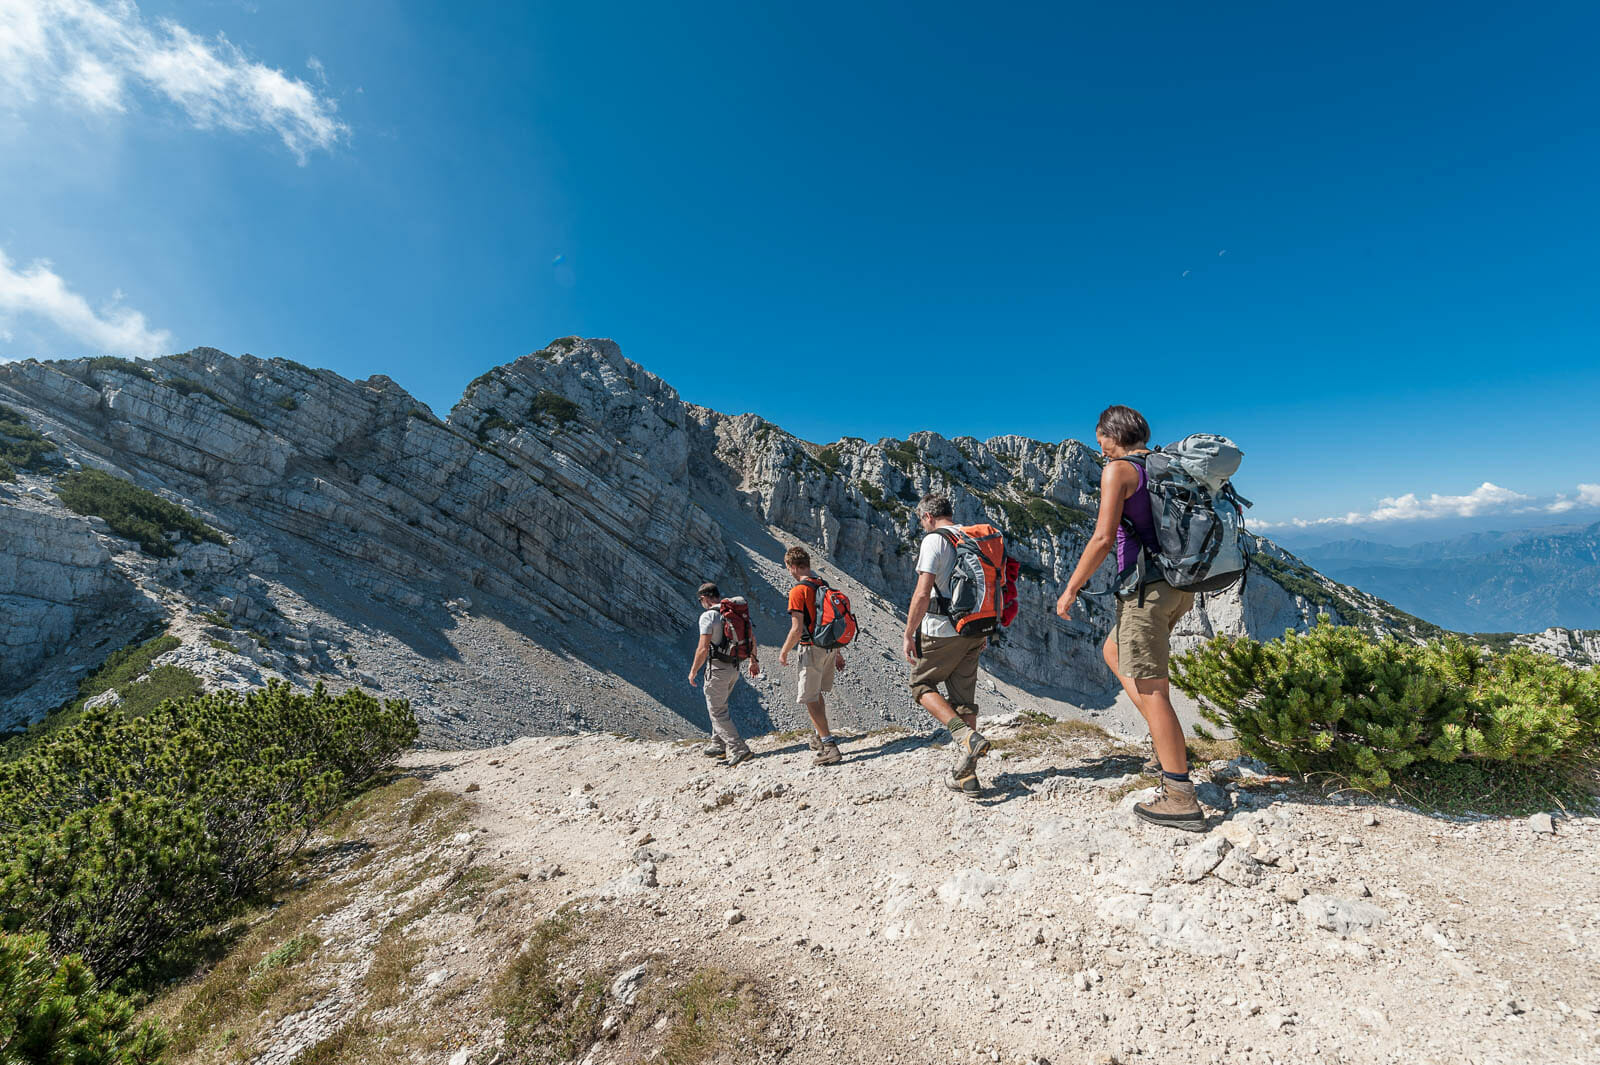 monte baldo peaks trekking route to cima del longino